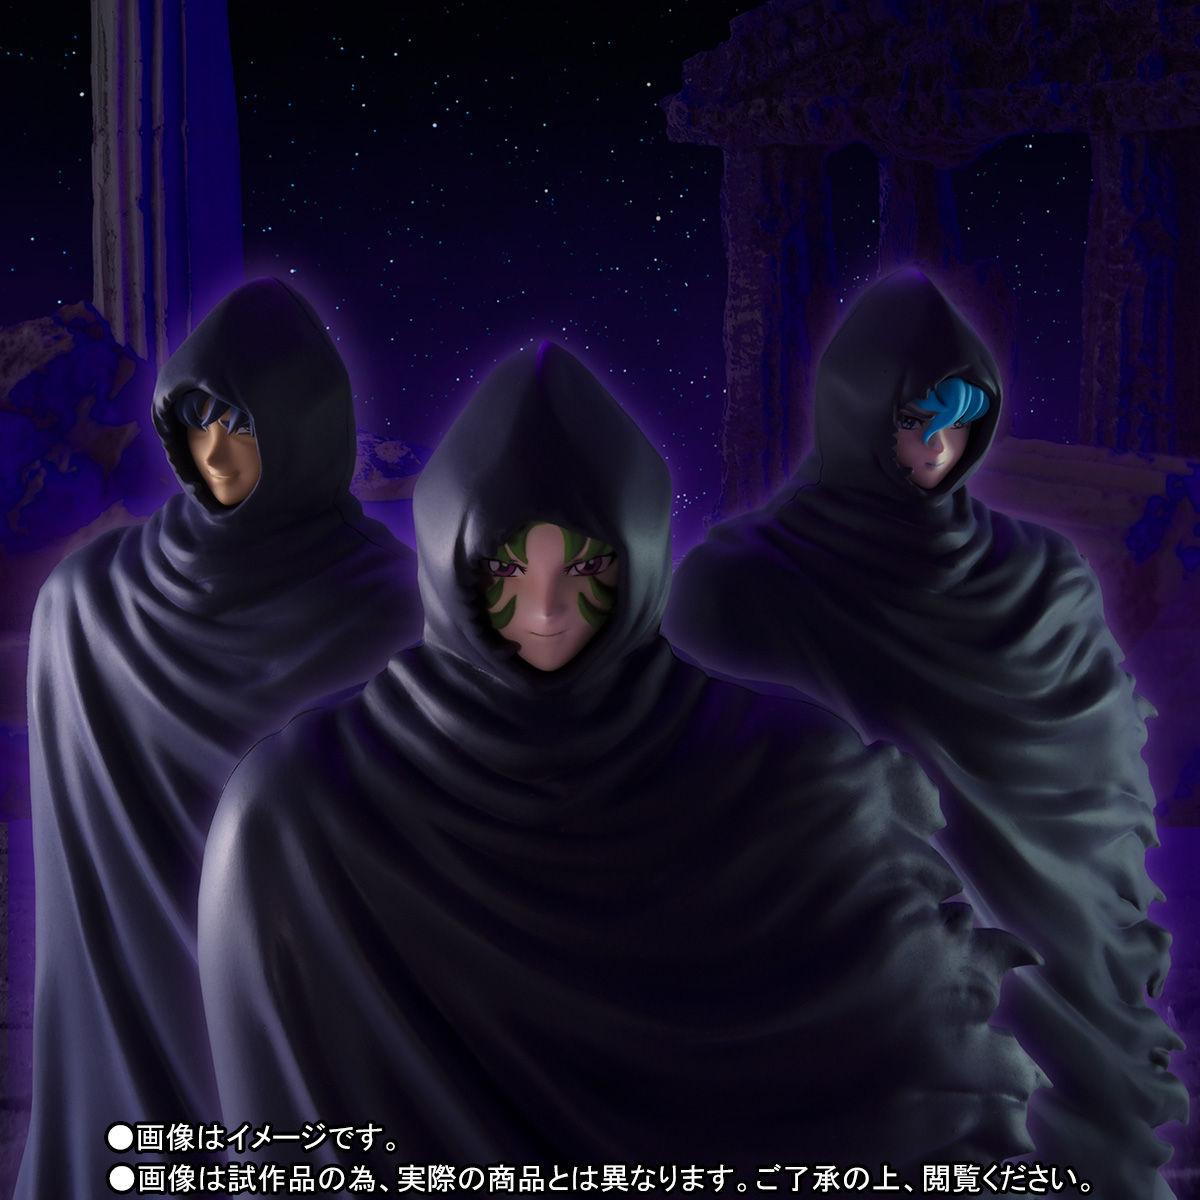 [Bandai] Novedades Myth Cloth Ex-clamation 2018. - Página 5 1000127651_4